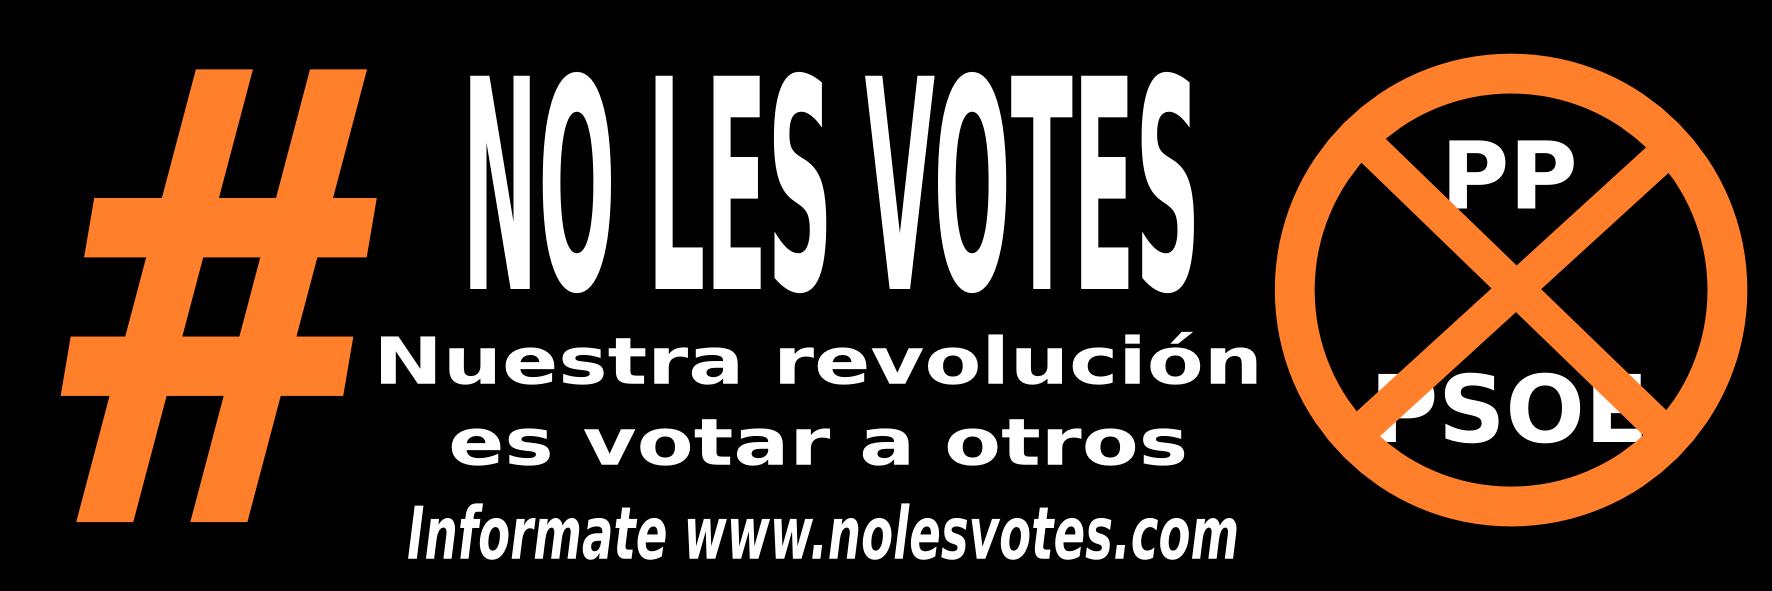 Pegatina #nolesvotes